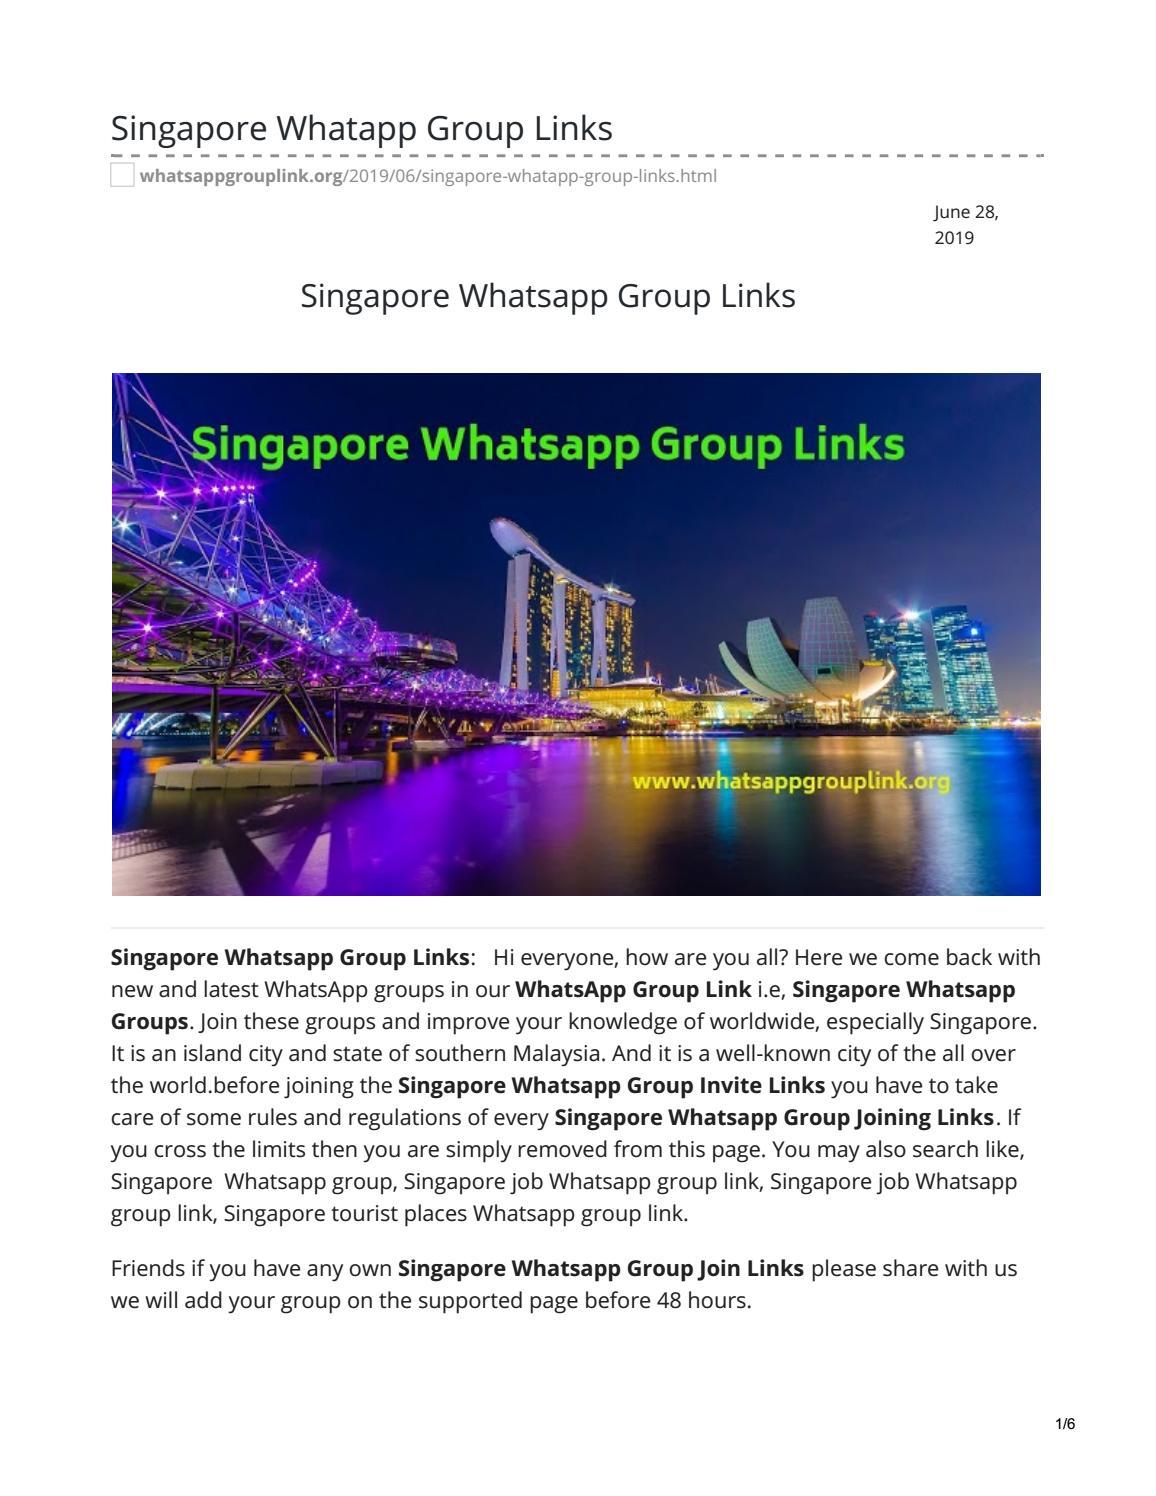 Singapore Whatsapp Group Links by whatsappgrouplinks77 - issuu